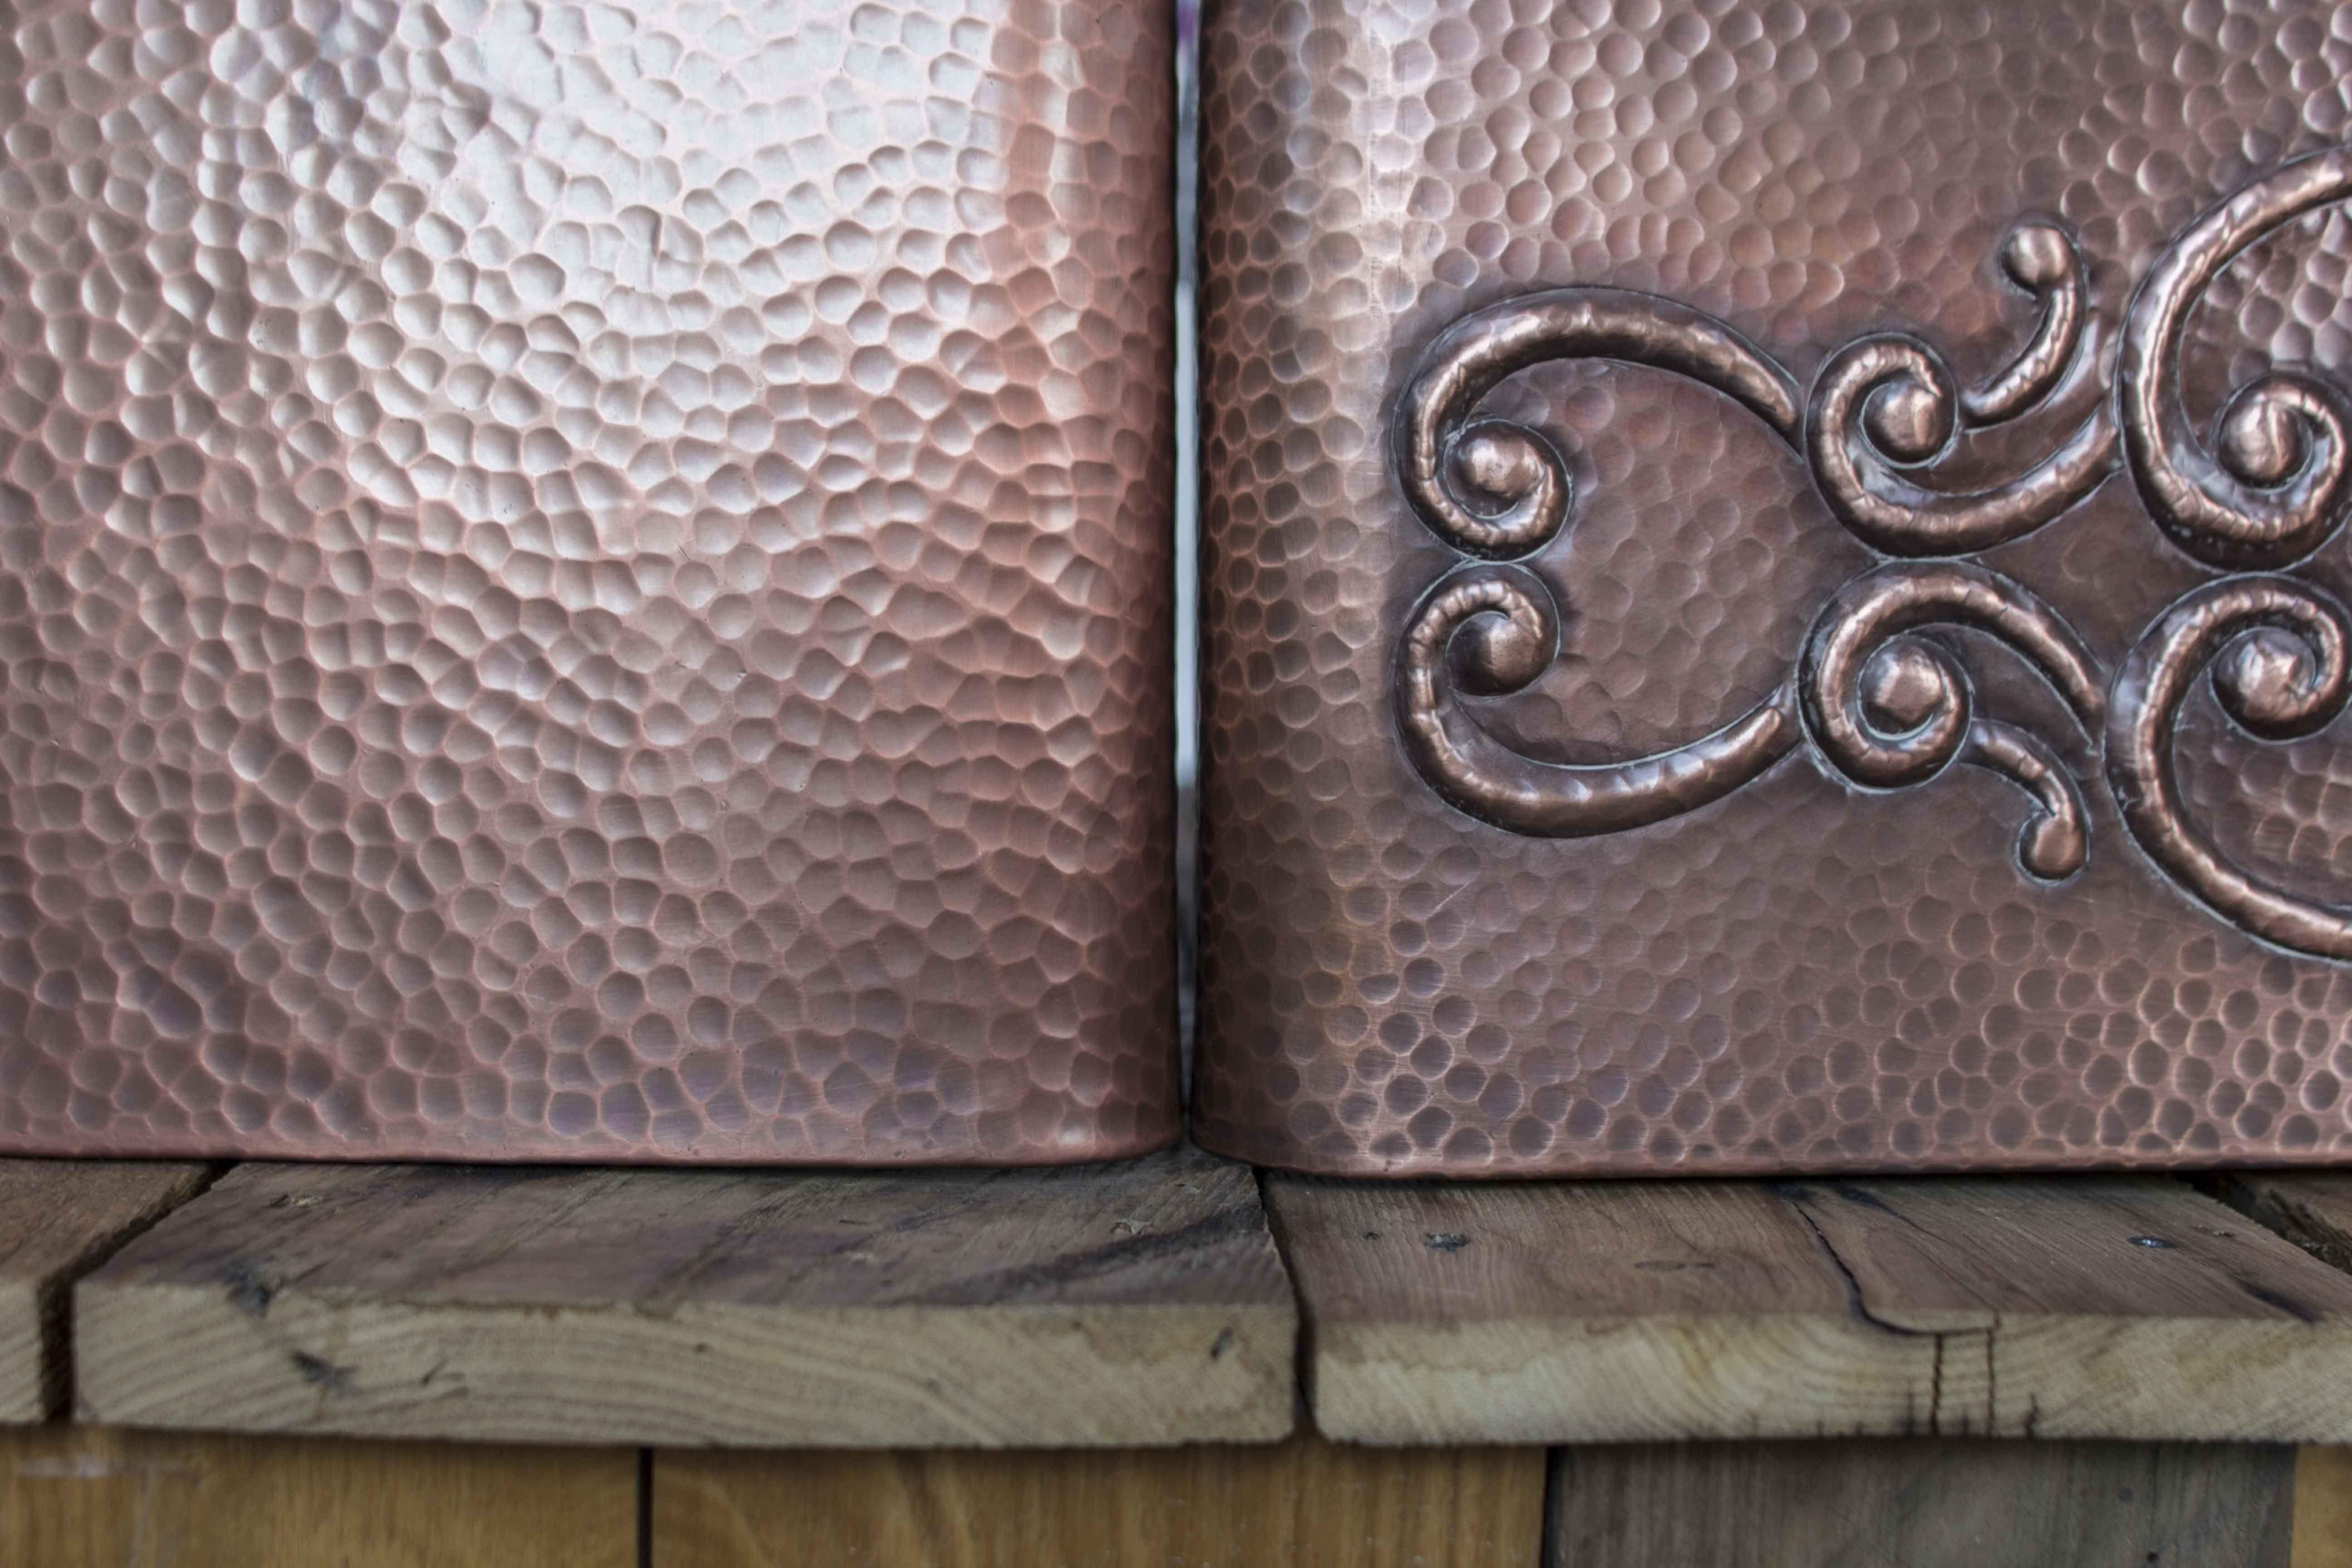 Copper Kitchen Sinks by Sinkology Farmhouse, DropIn